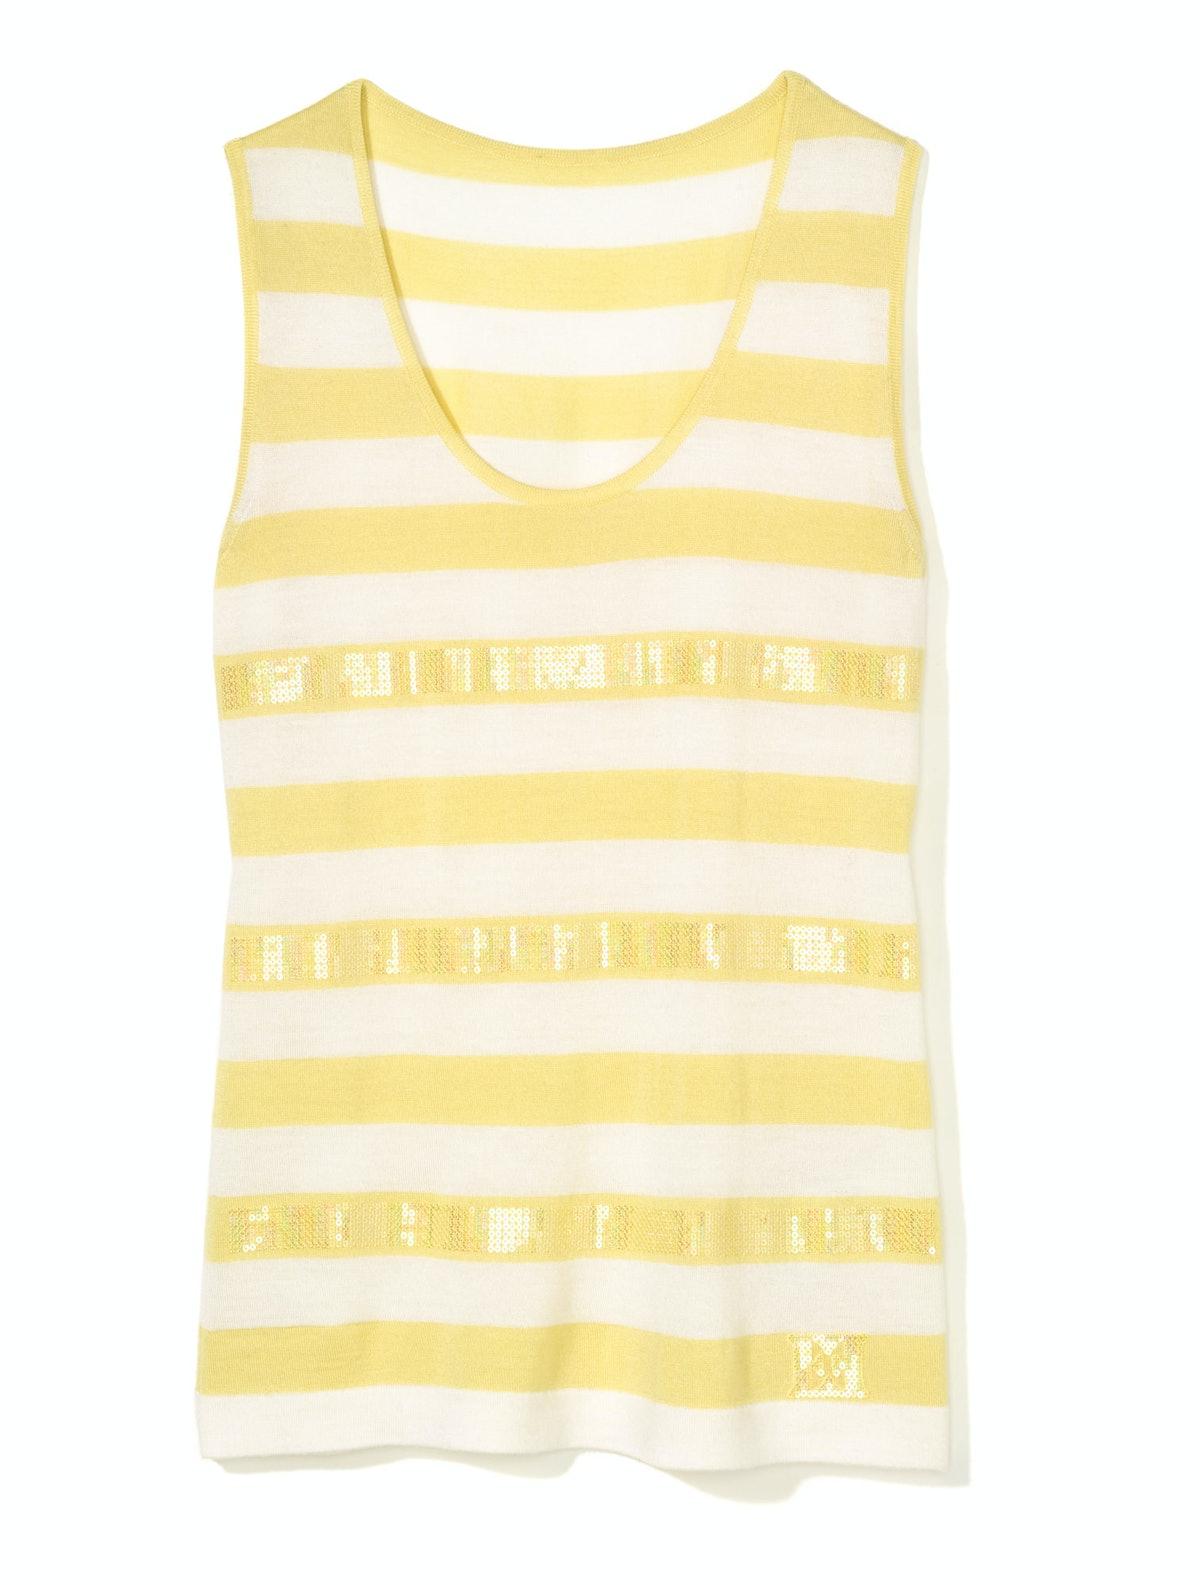 Escada shirt, $650, Escada, New York, 212.755.2200.